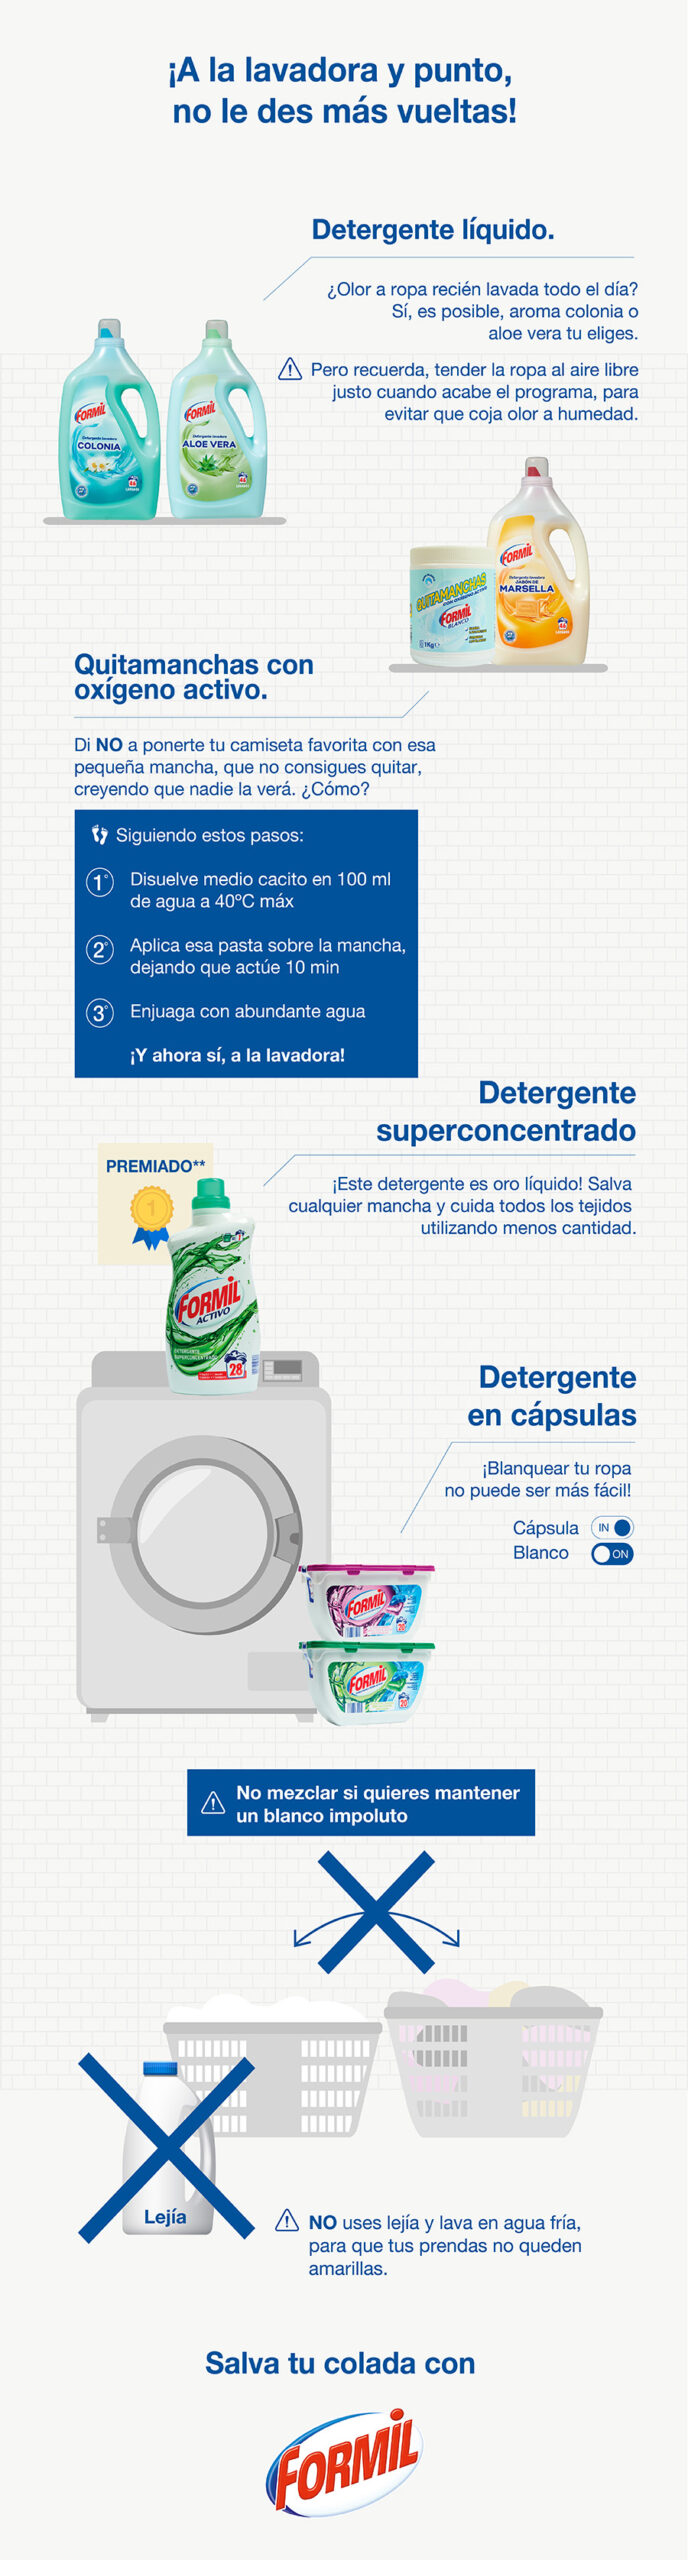 como utilizar detergente formil scaled - Conoce al detergente estrella de LIDL